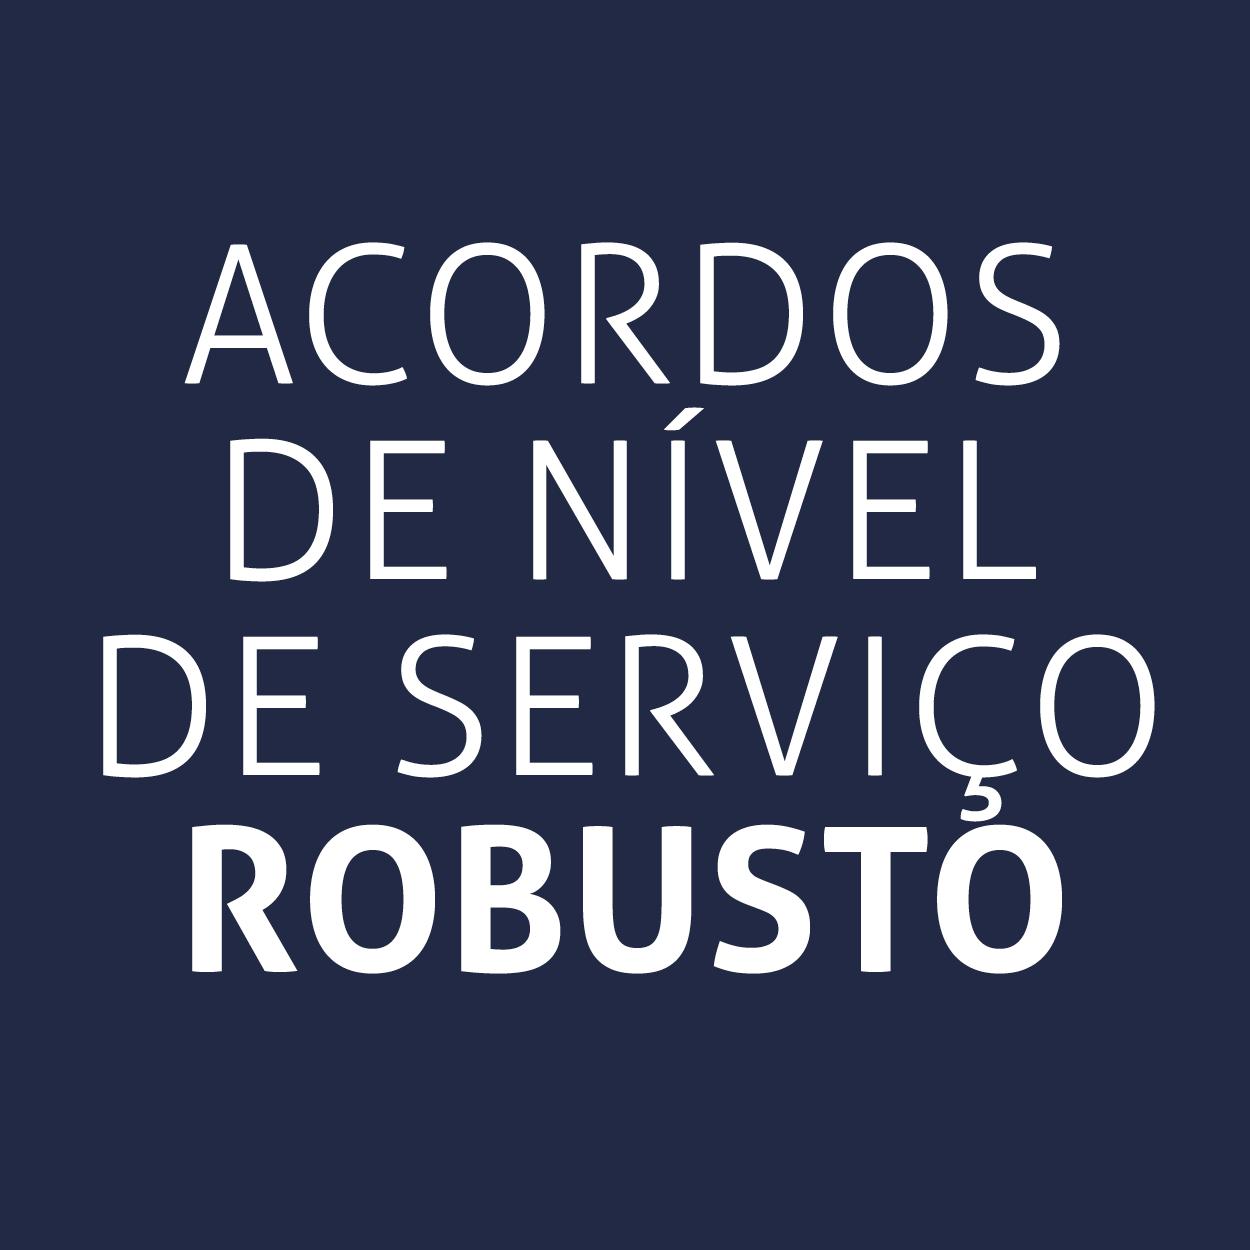 Acordos de nível de serviço robusto